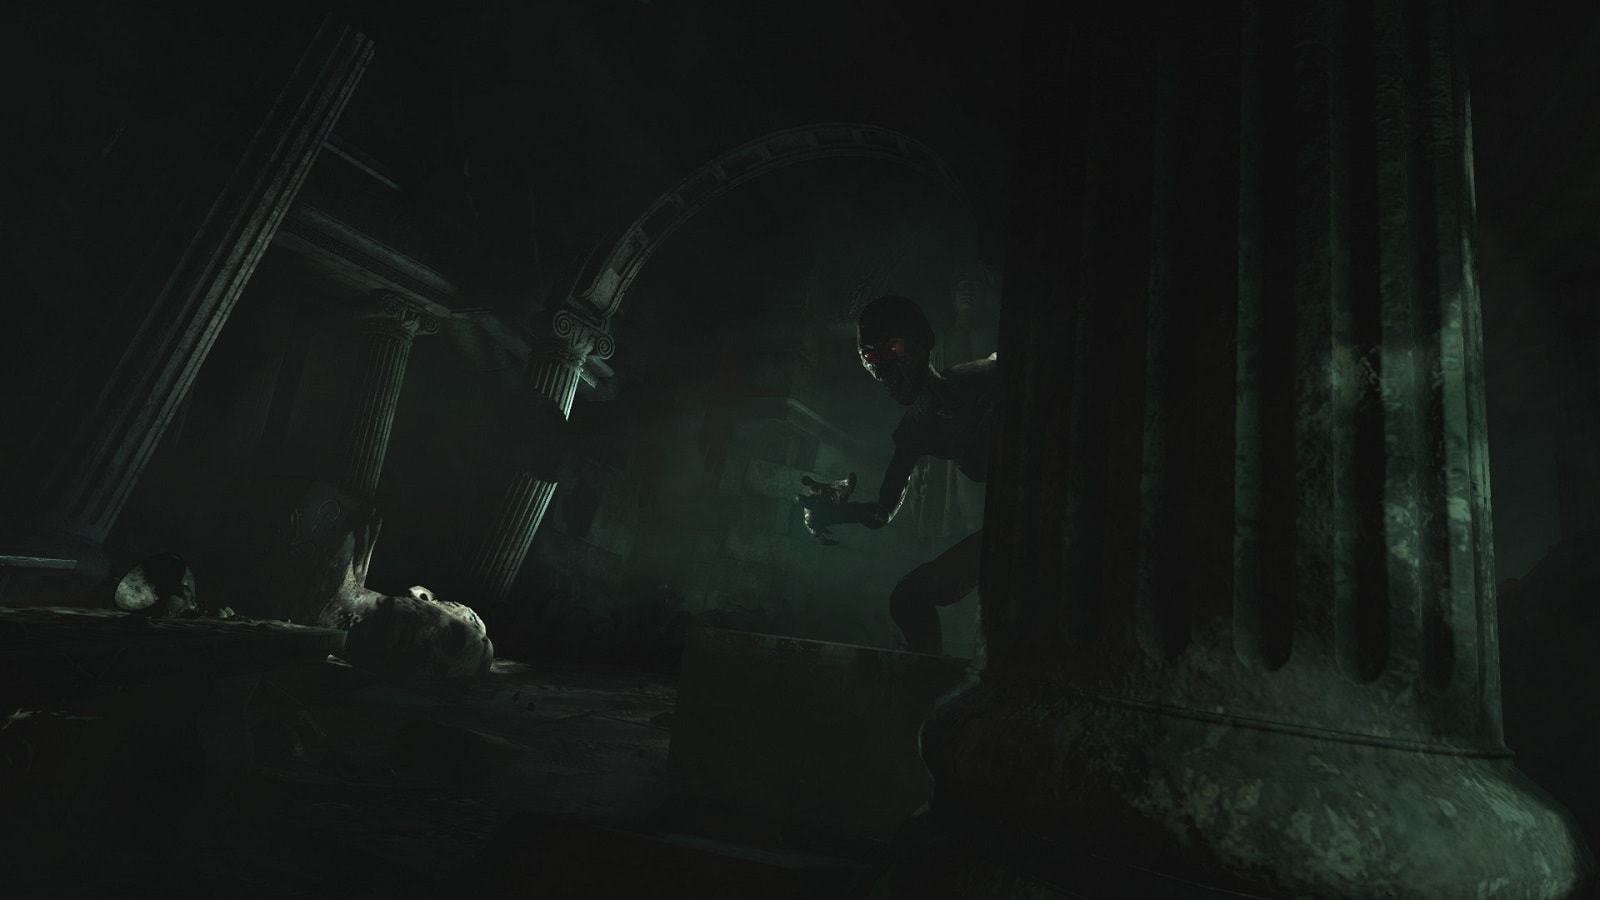 Рецензия на игру Amnesia: Rebirth - неплохой, но безнадёжно устаревший хоррор - 02